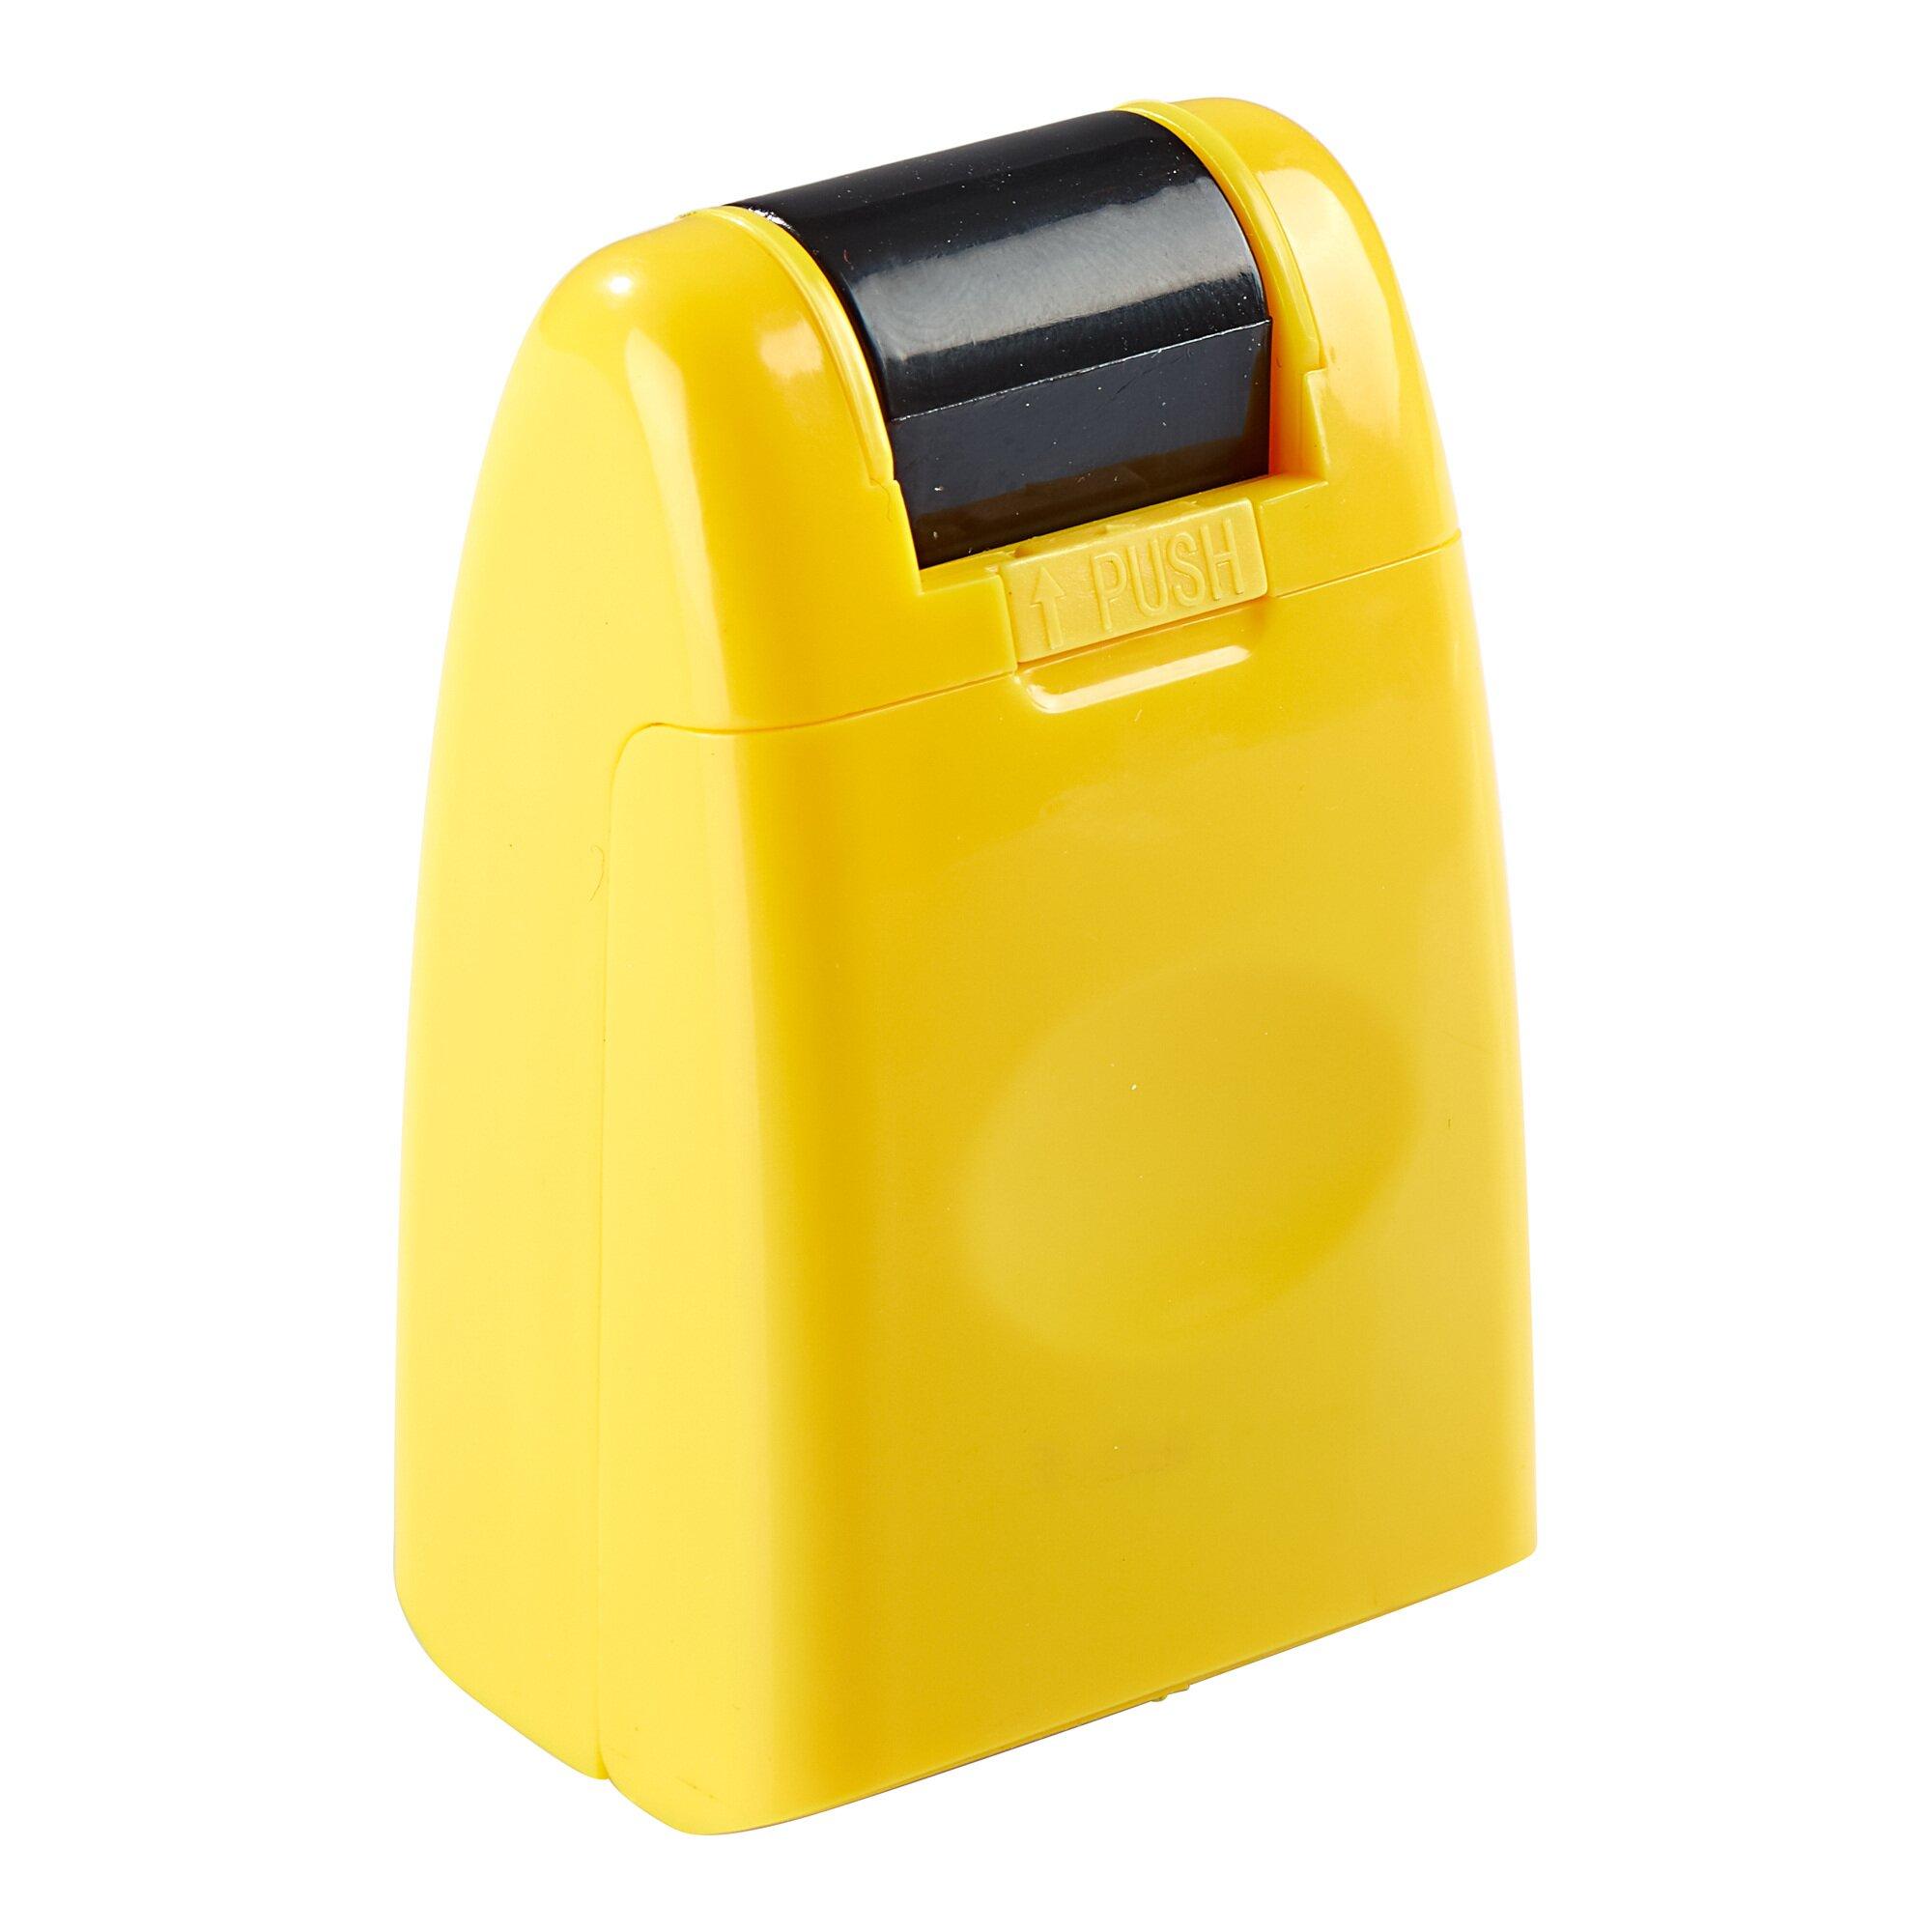 Image of Datenschutz-Stempelroller